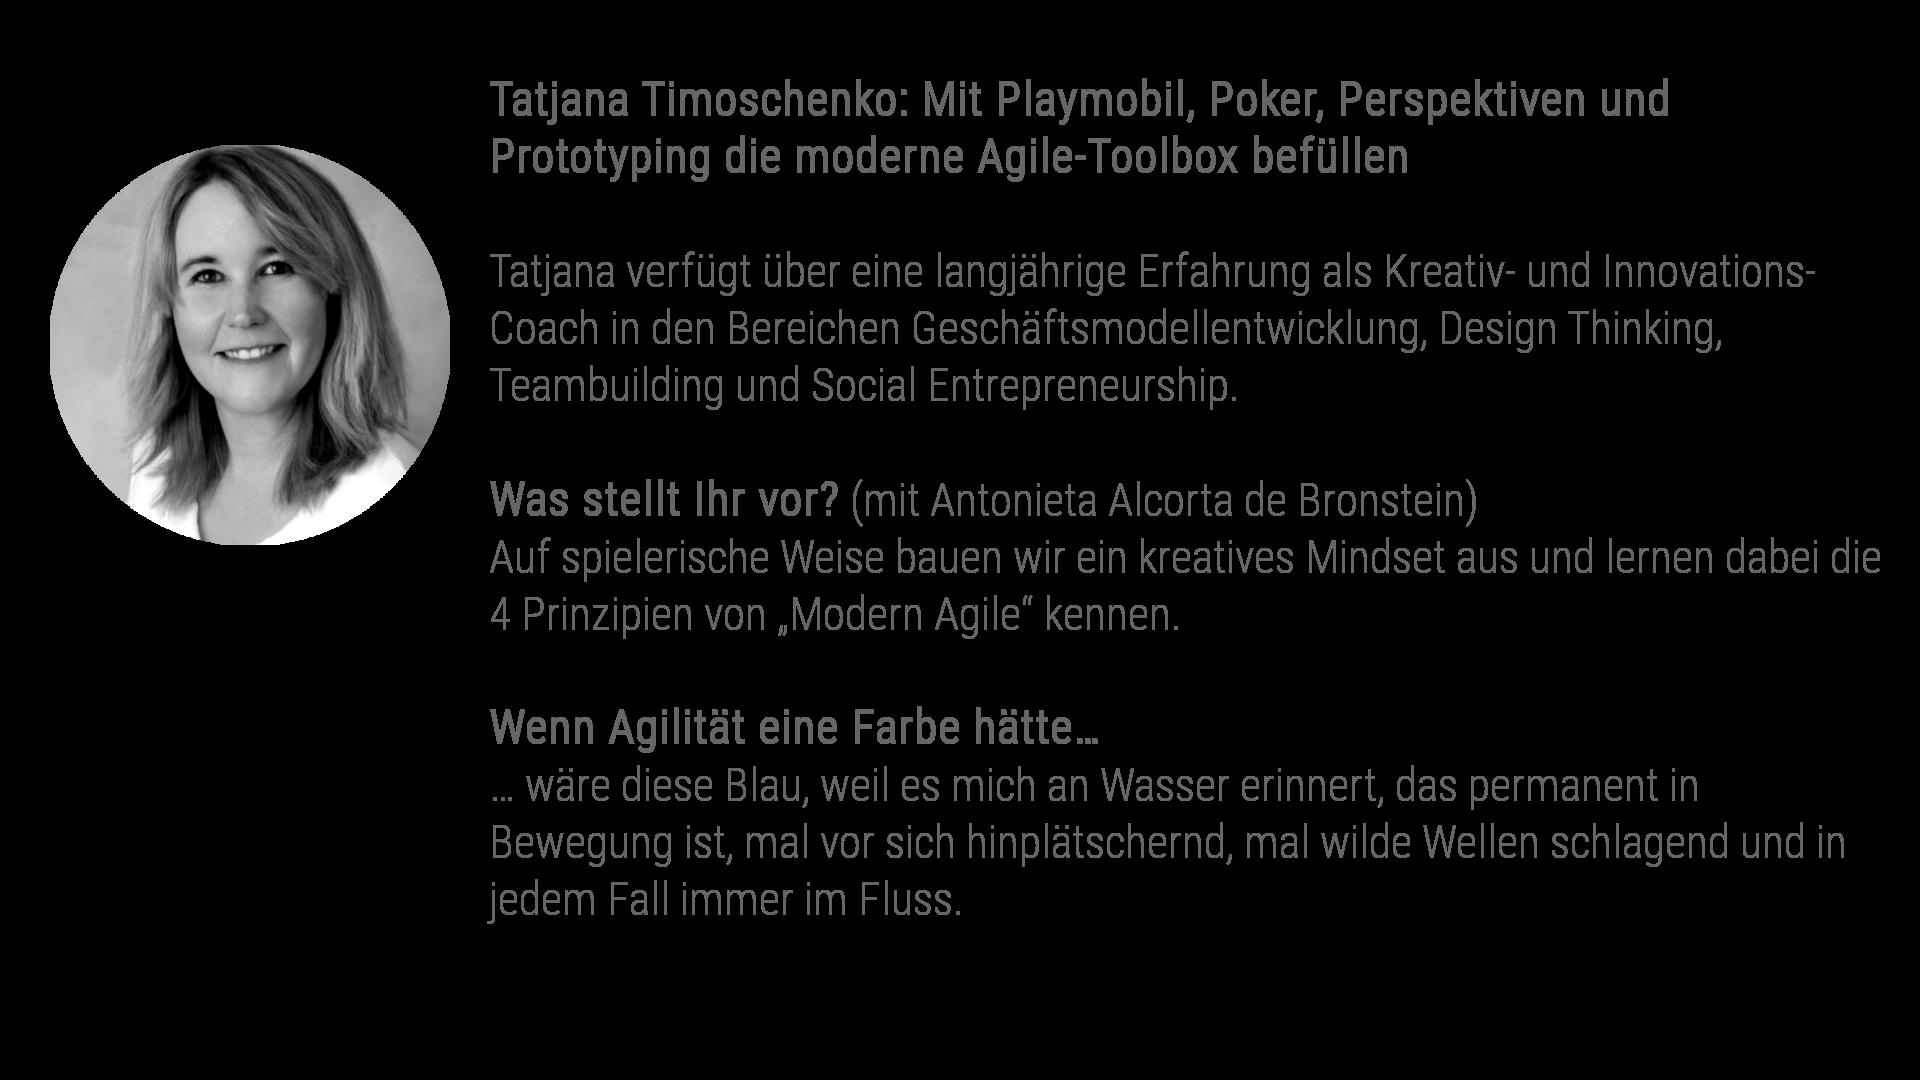 """Tatjana Timoschenko (gemeinsam mit Antonieta Alcorta de Bronstein): Mit Playmobil, Poker, Perspektiven und Prototyping die moderne Agile-Toolbox befüllen Tatjana verfügt über eine langjährige Erfahrung als Kreativ- und Innovations-Coach in den Bereichen Geschäftsmodellentwicklung, Design Thinking, Teambuilding und Social Entrepreneurship in der Projektarbeit und der universitären Lehre. Was stellt ihr vor? Auf spielerische Weise bauen wir ein kreatives Mindset aus und lernen dabei die 4 Prinzipien von """"Modern Agile"""" kennen. Wenn Agilität eine Farbe hätte… … wäre diese Blau, weil es mich an Wasser erinnert, das permanent in Bewegung ist, mal vor sich hinplätschernd, mal wilde Wellen schlagend und auf jedem Fall immer im Fluss."""